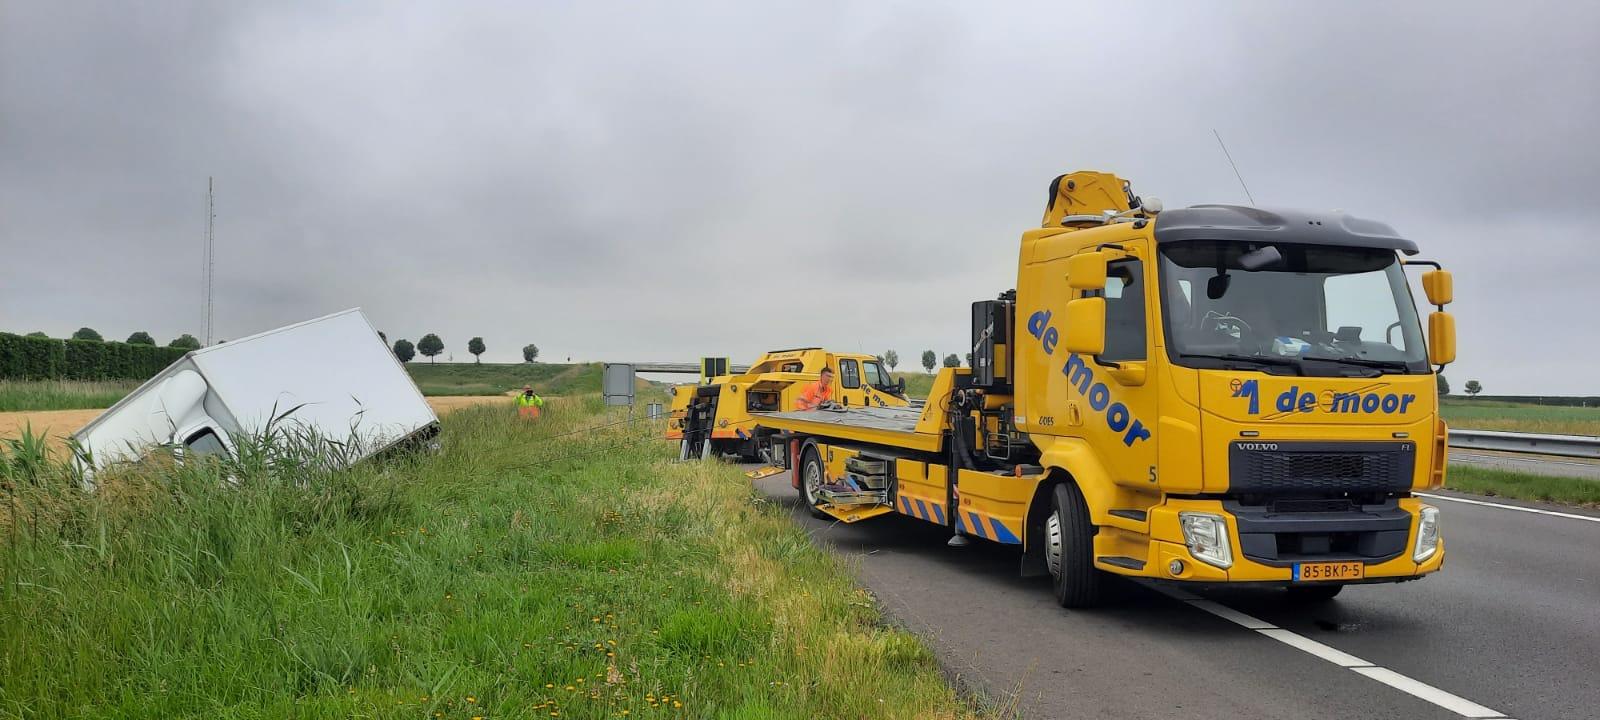 Autoberging Zeeland lichte berging met de moor autoberging de bergingspecialist van Zeeland